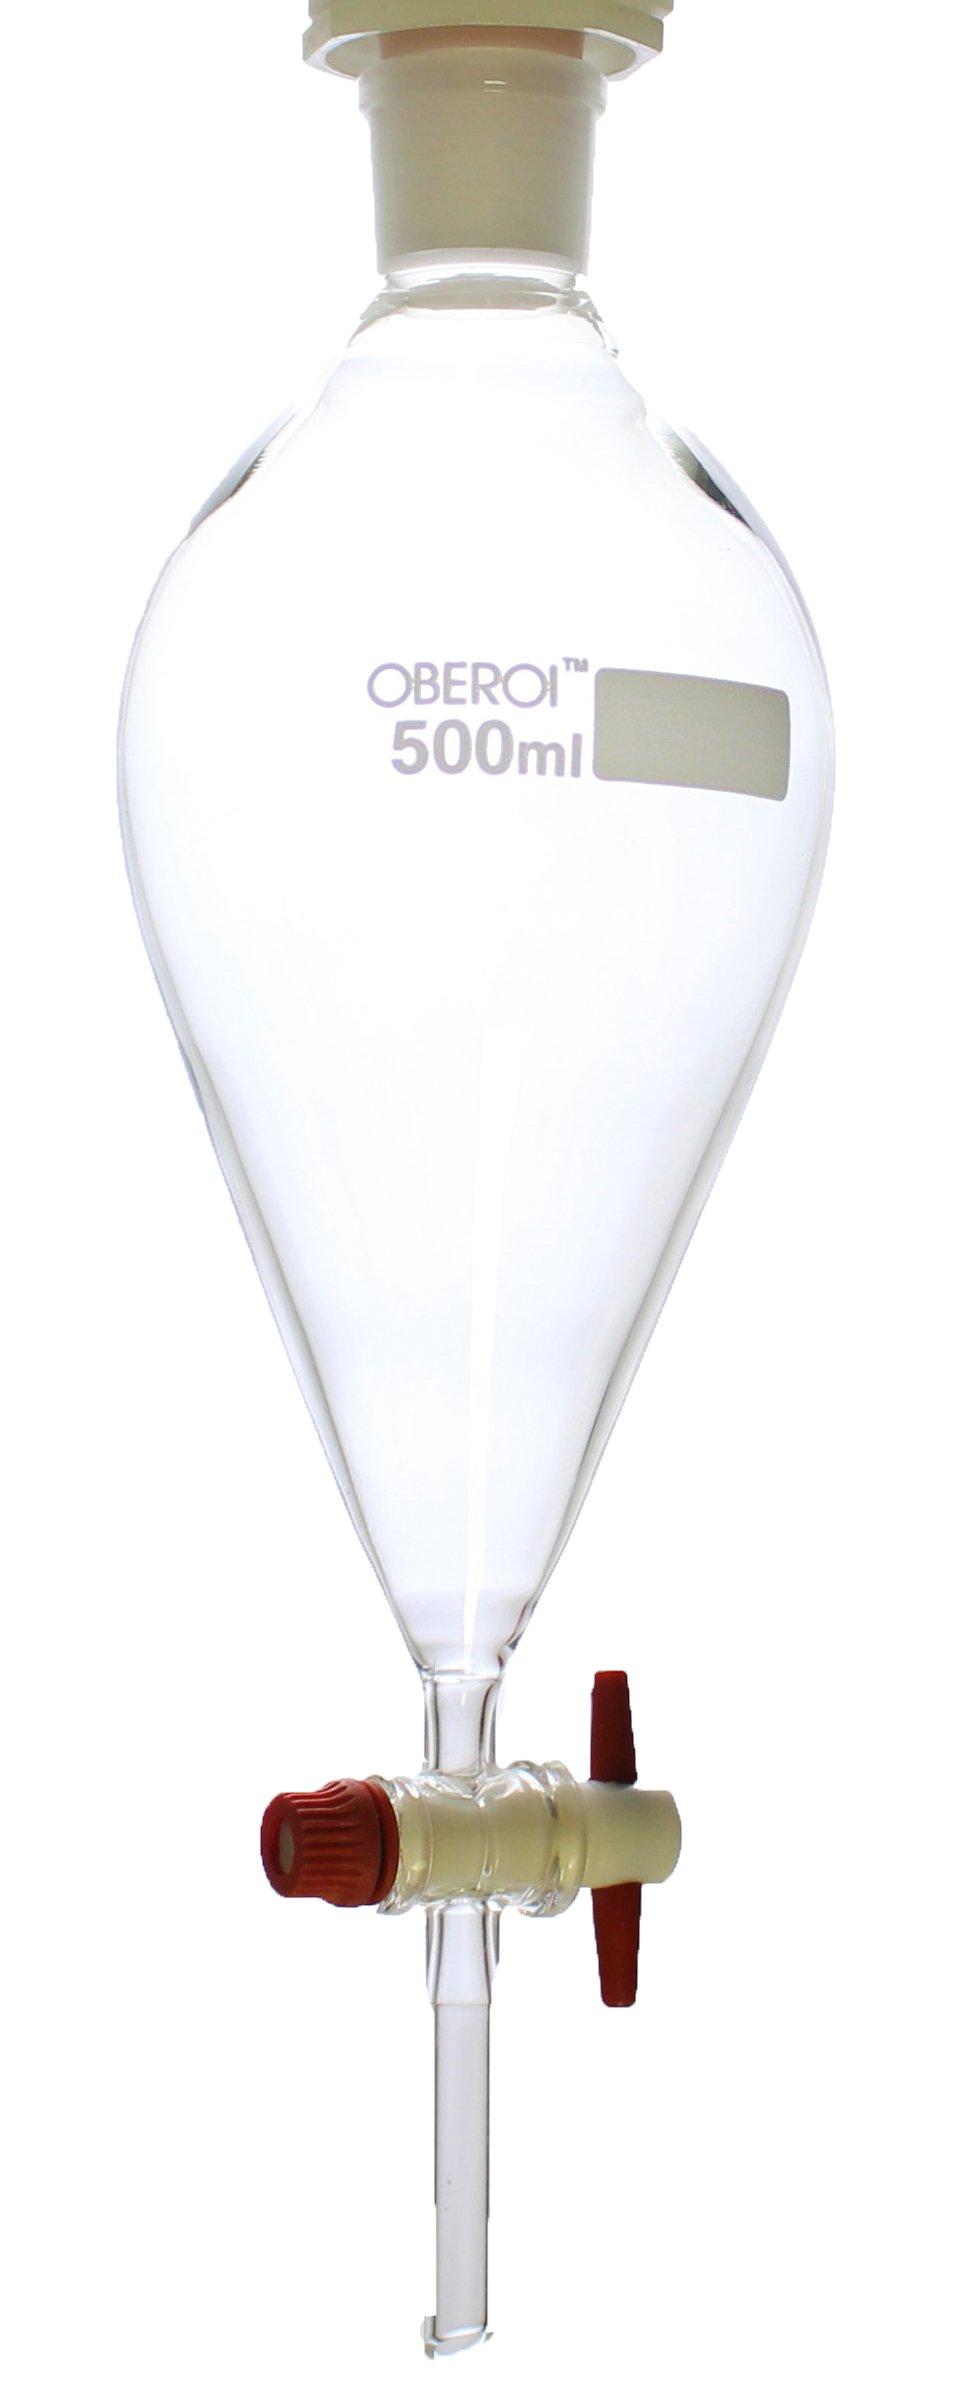 Separatory Funnel w/PTFE Stopcock, Squibb Shape, Borosilicate 3.3 Glass, 500 mL by Oberoi Laborglas